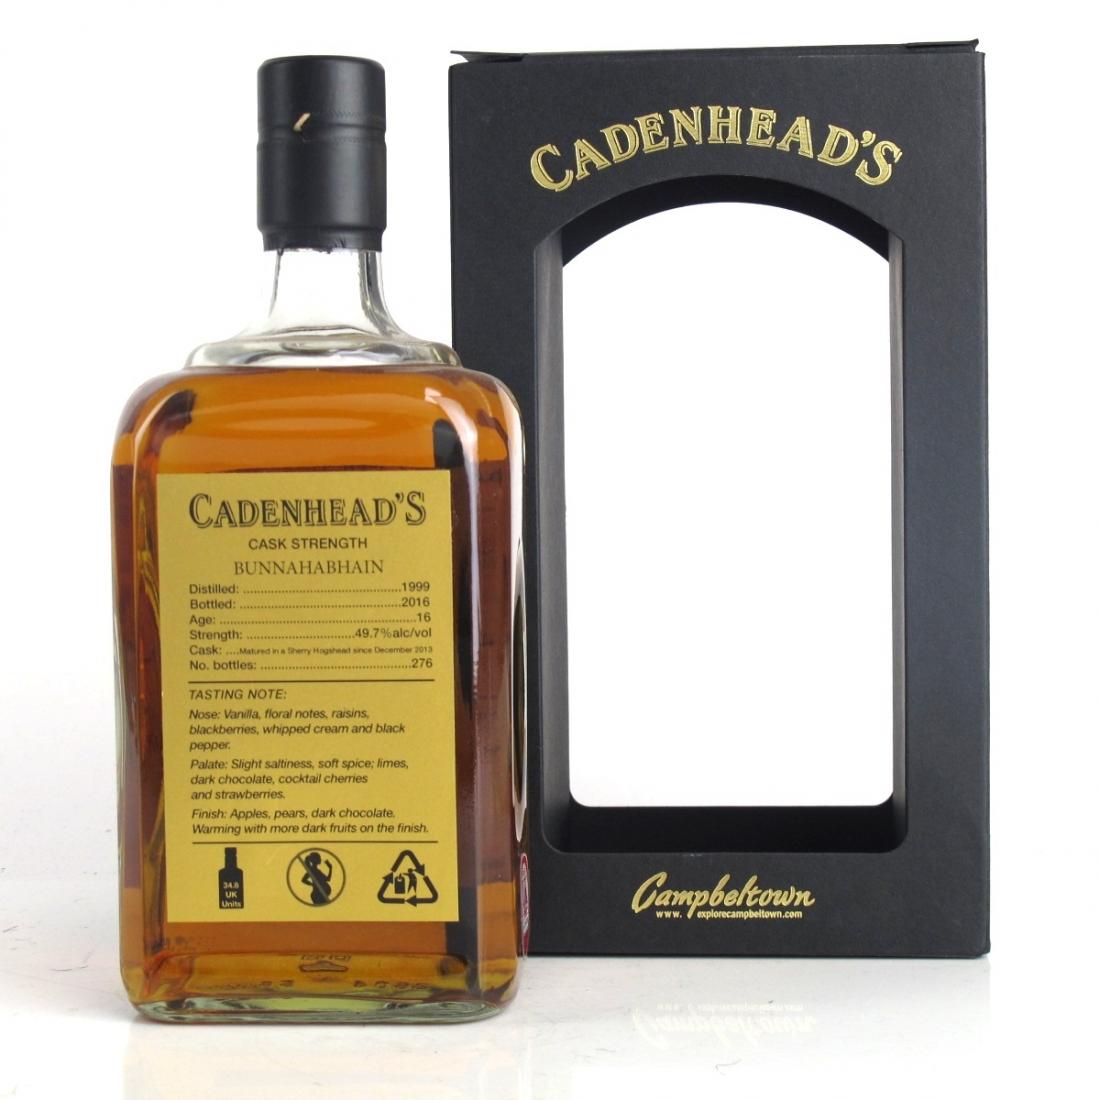 Bunnahabhain 1999 Cadenhead's 16 Year Old